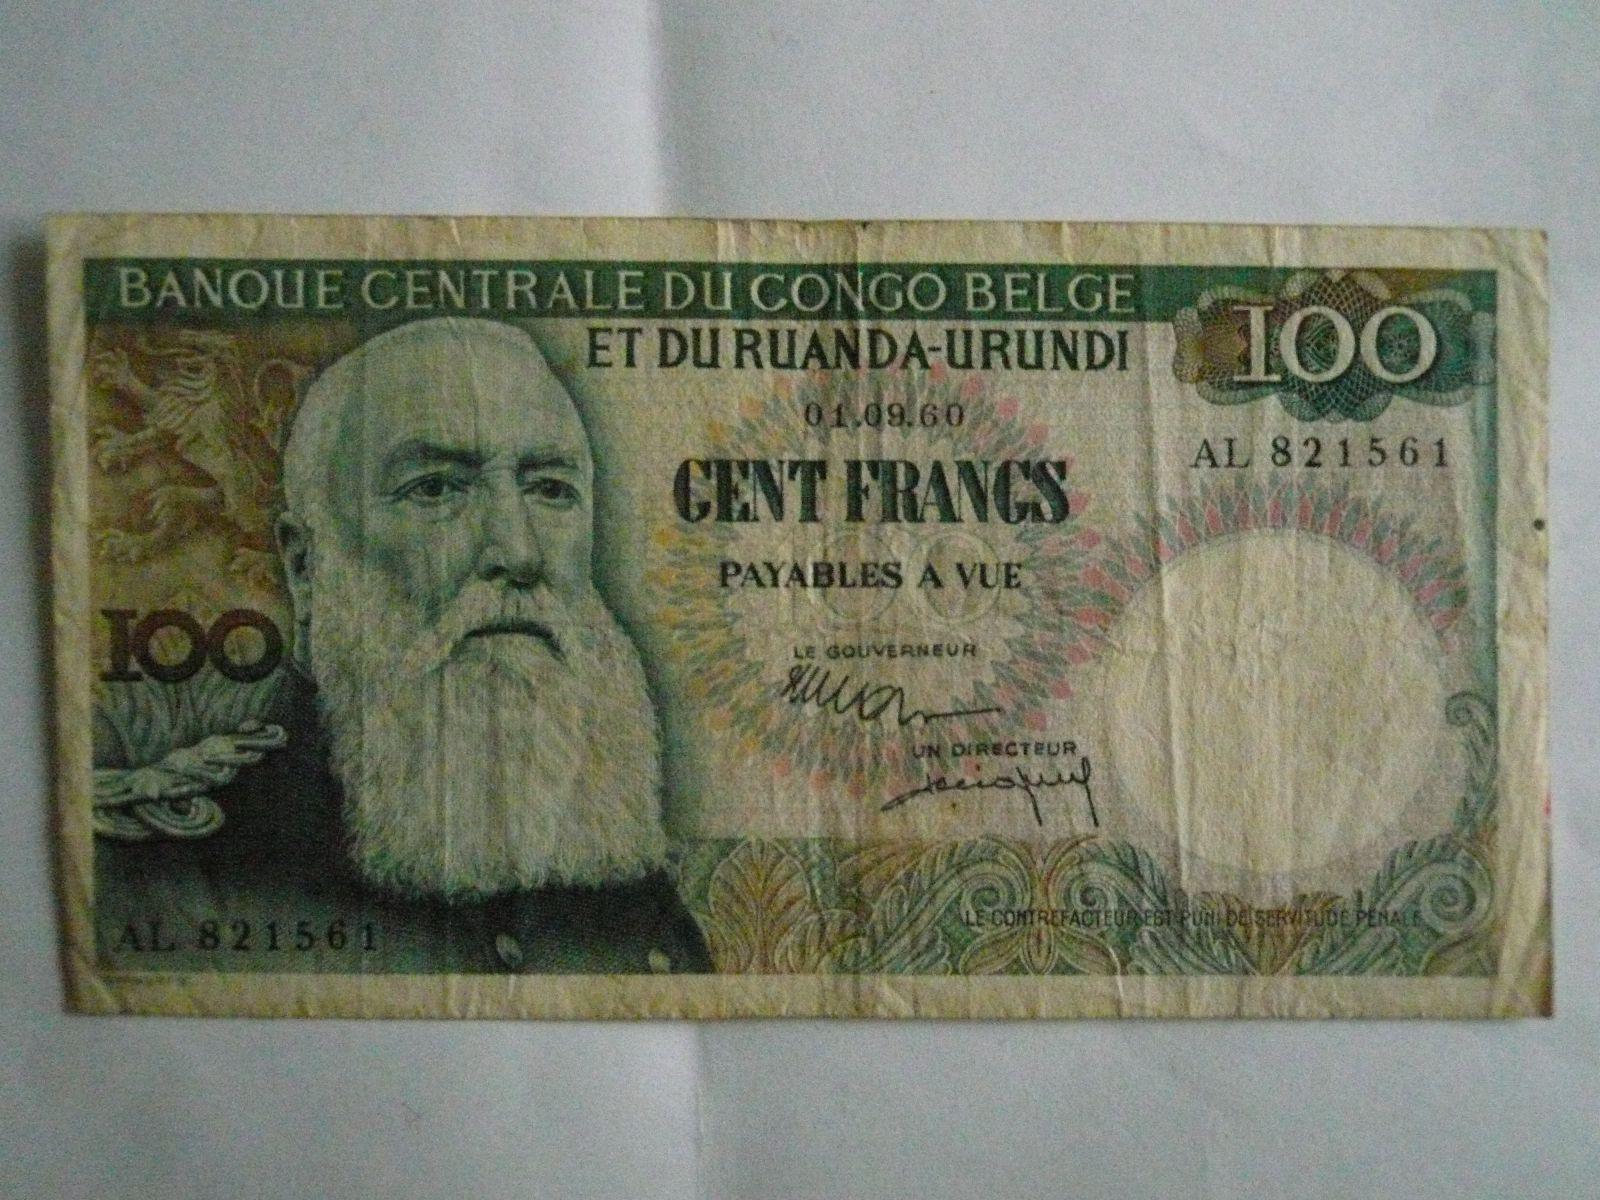 100 Frank, Belgická Ruanda-Burundi, 1960